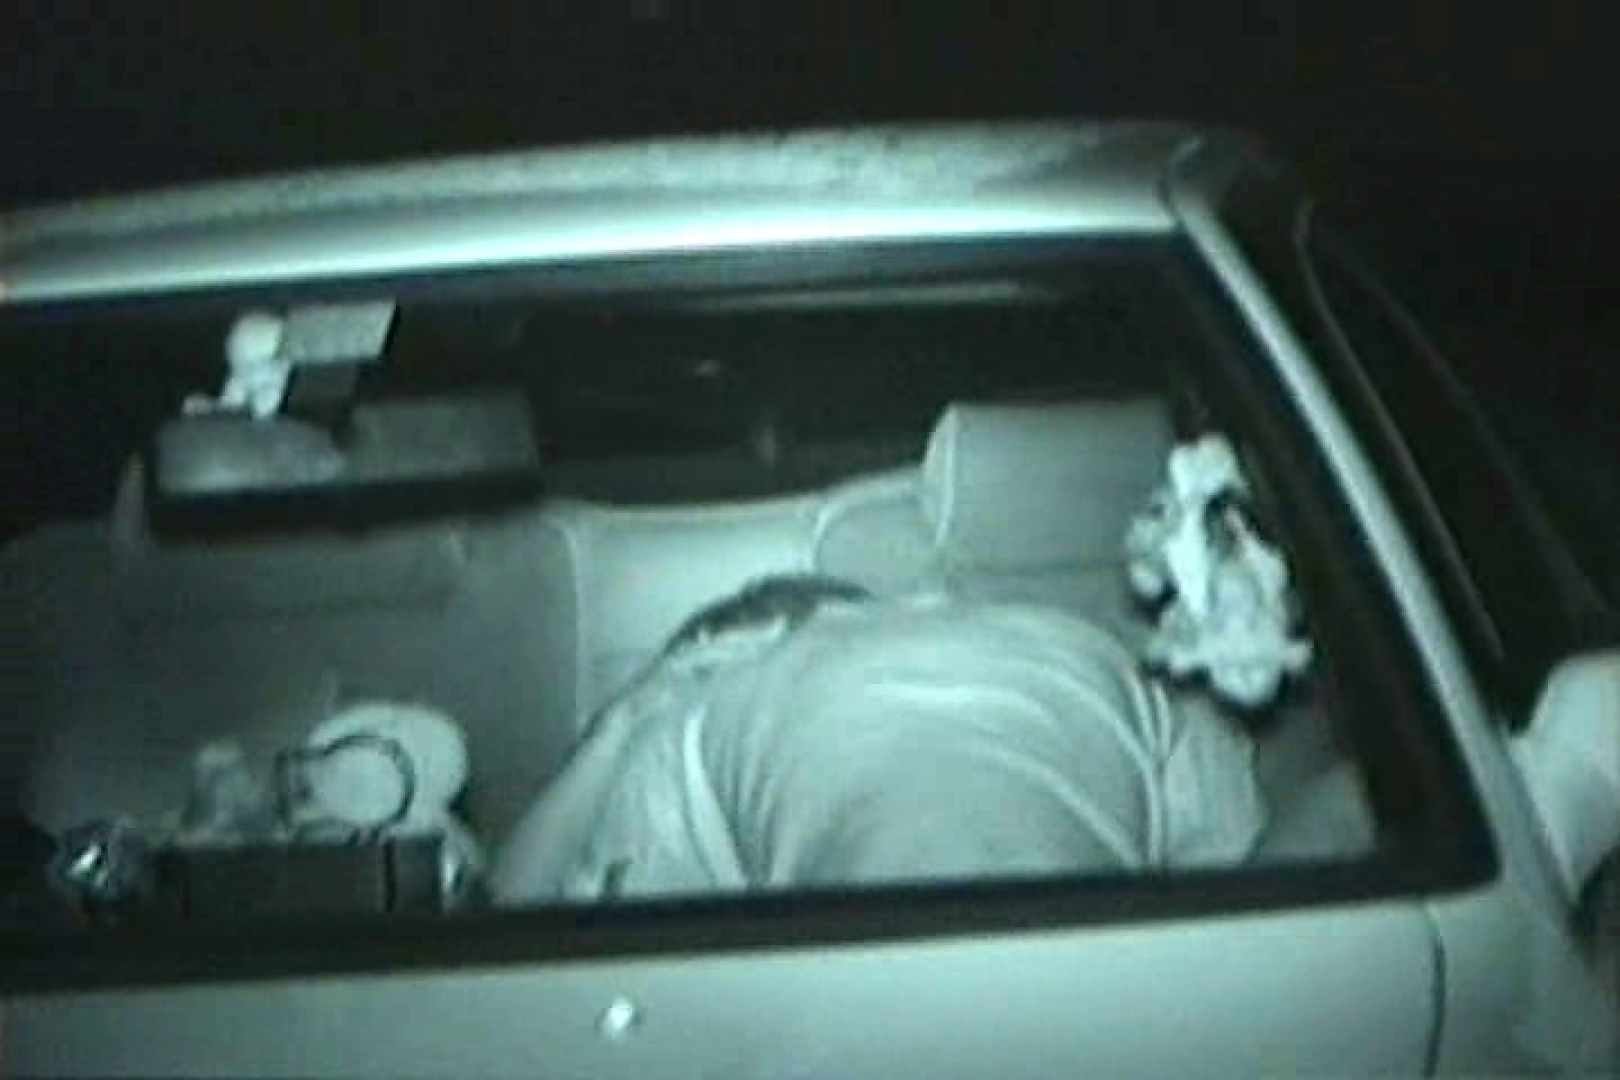 車の中はラブホテル 無修正版  Vol.25 熟女 AV無料動画キャプチャ 103PIX 97